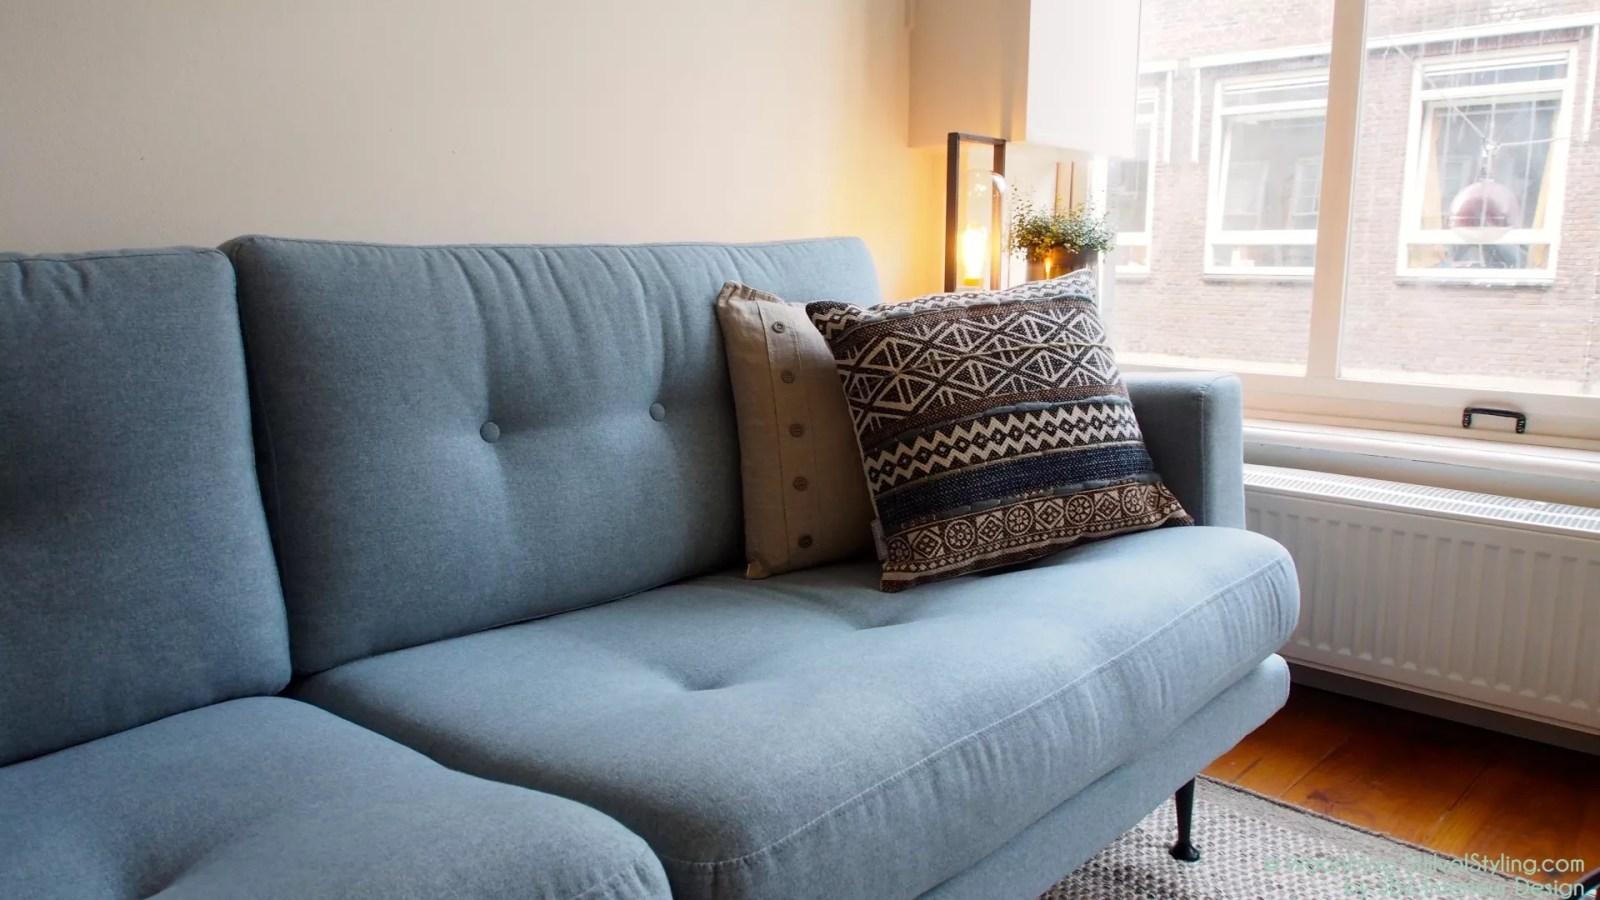 Natuurlijk wonen u2022 stijlvol styling woonblog vol interieur